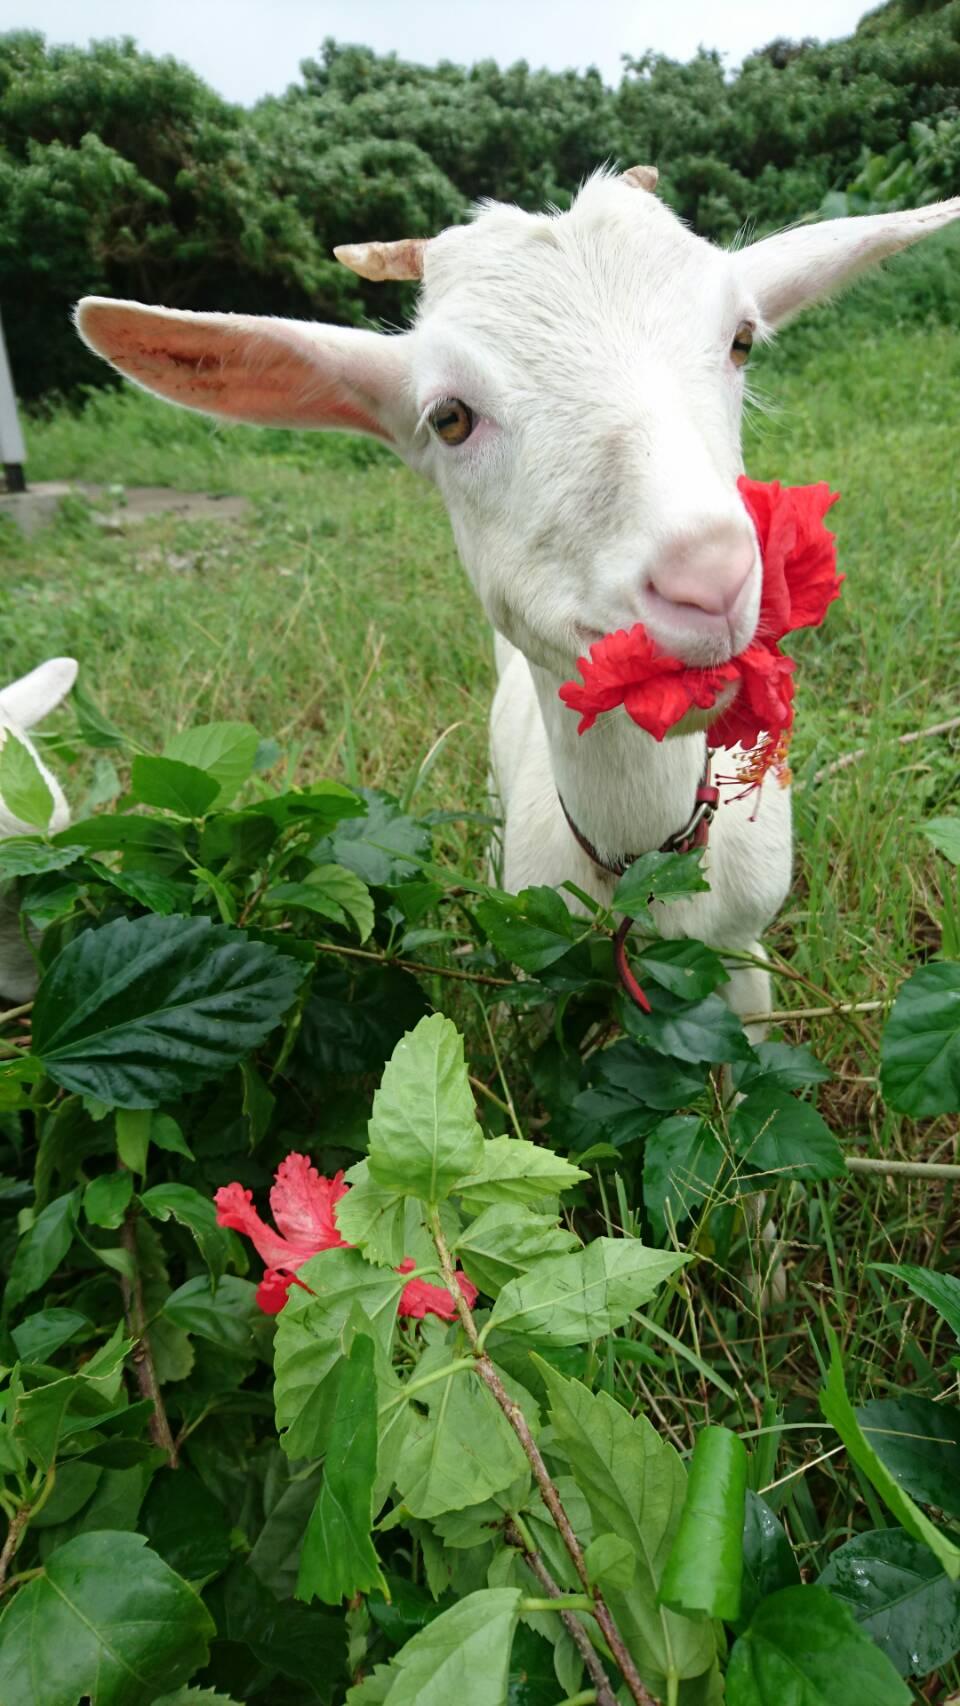 「与那国島」のハイビスカスを食べるヤギ